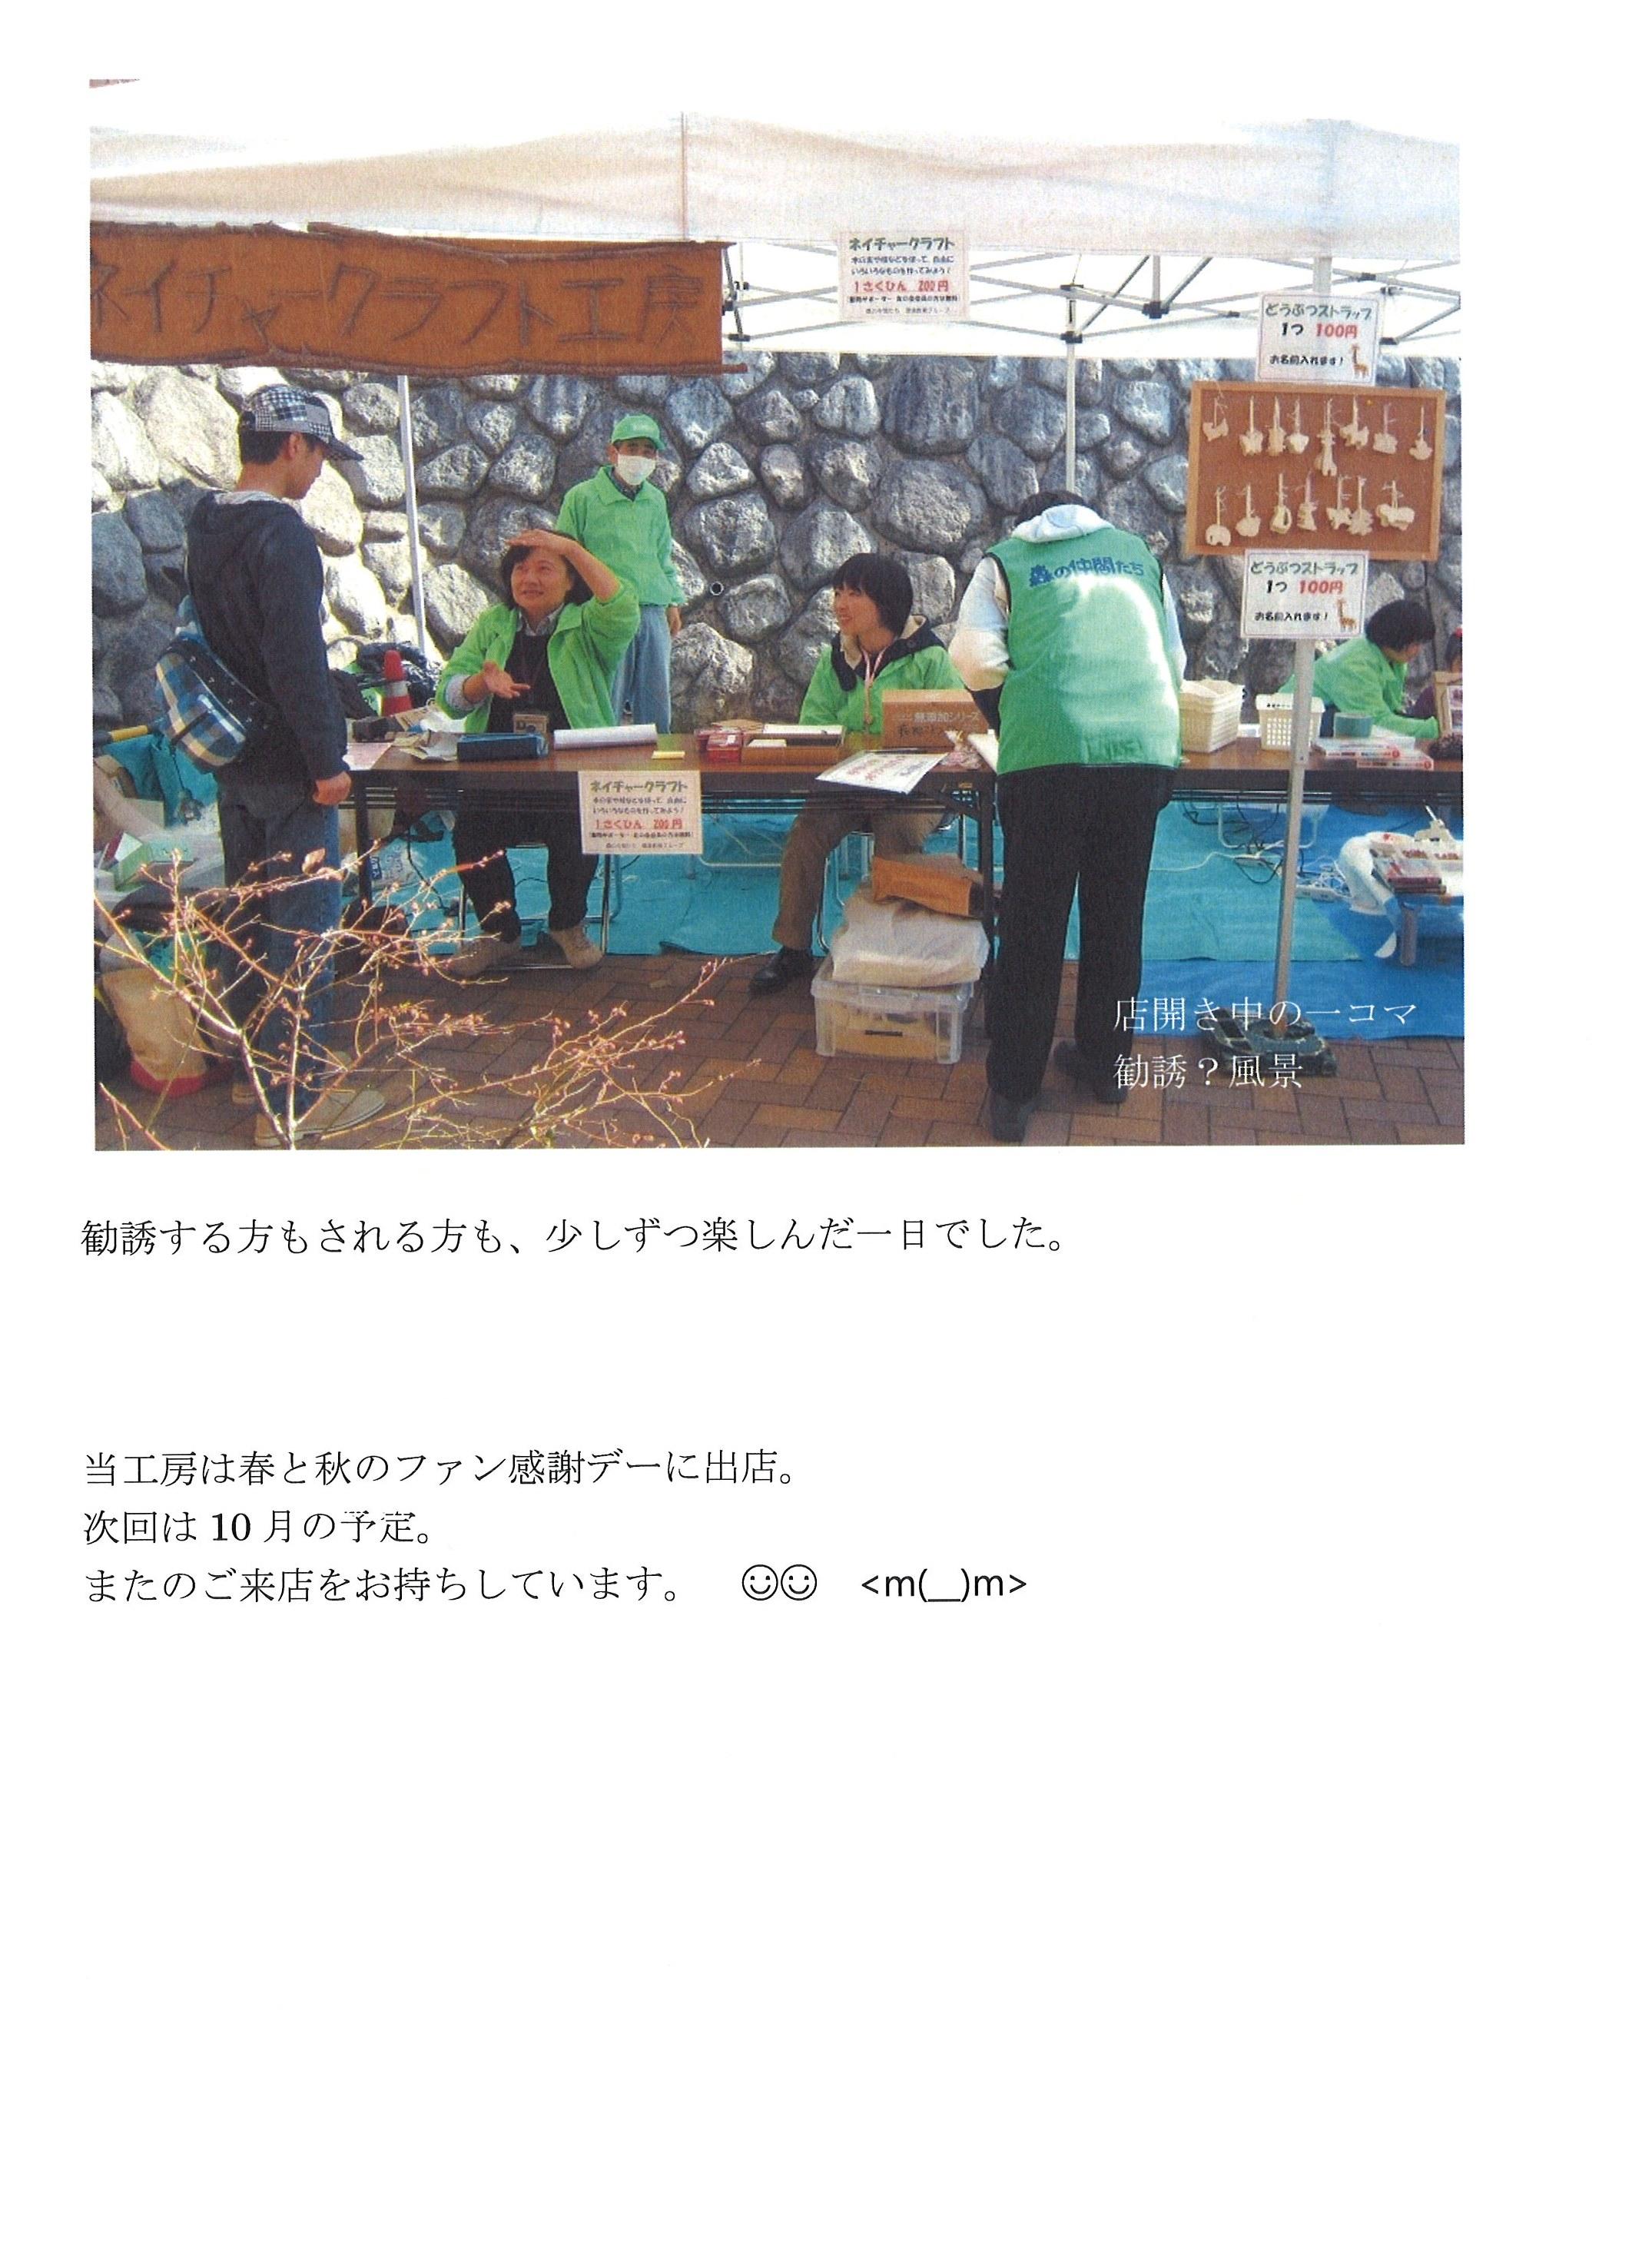 20140325_森の仲間たち_5.jpg